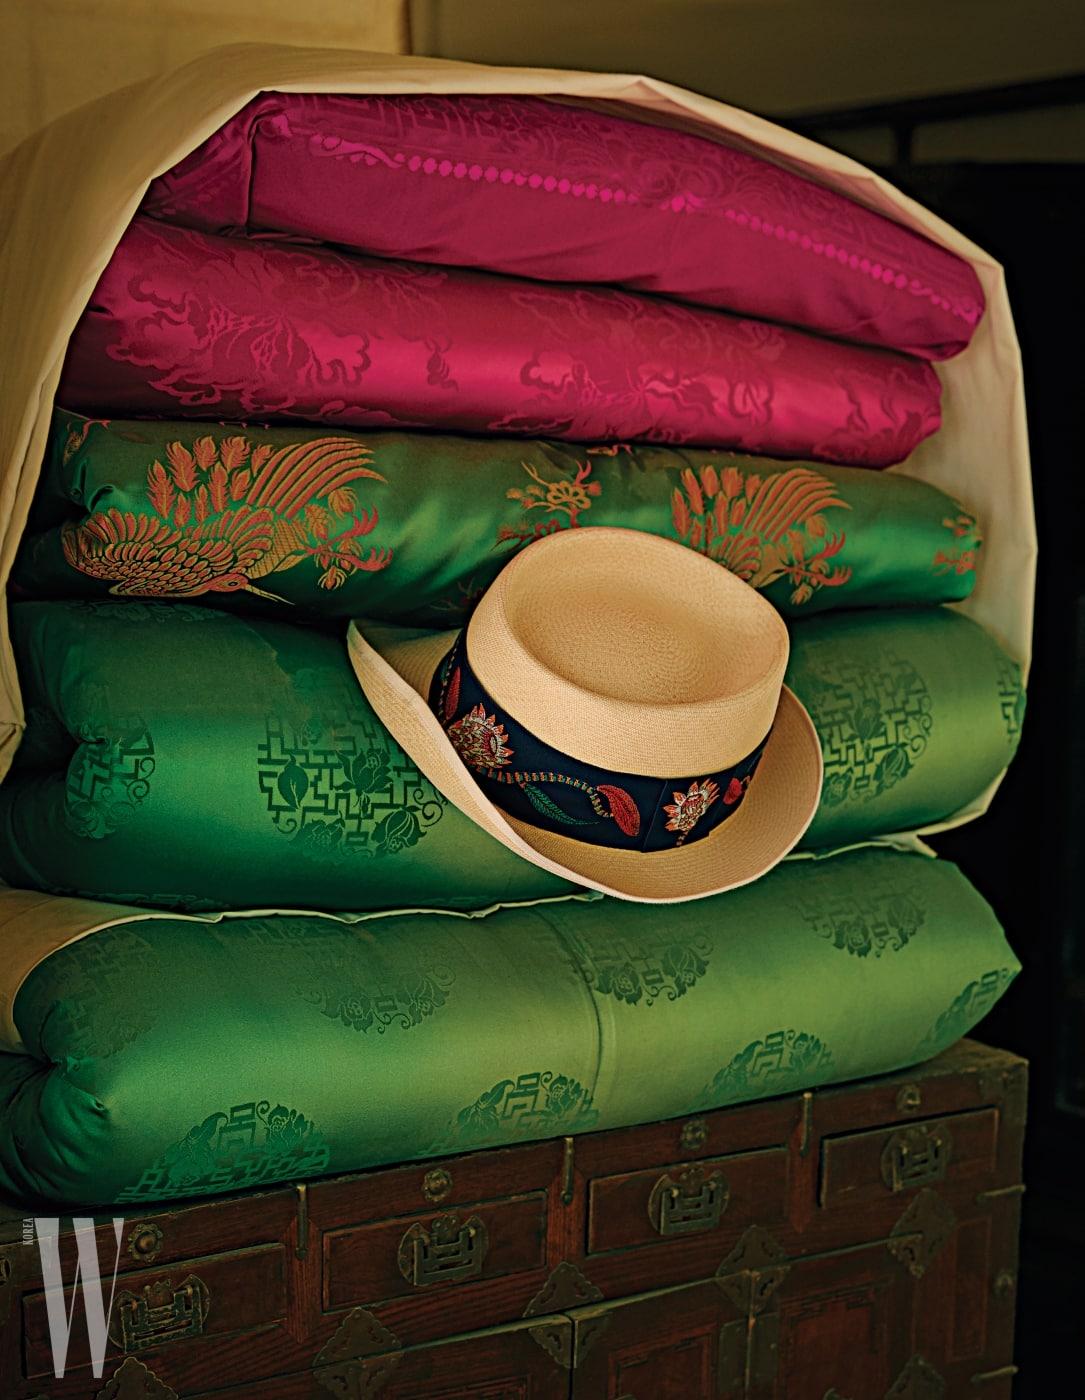 실크 장식이 멋진 스트로 모자는 에르메스 제품. 가격 미정.